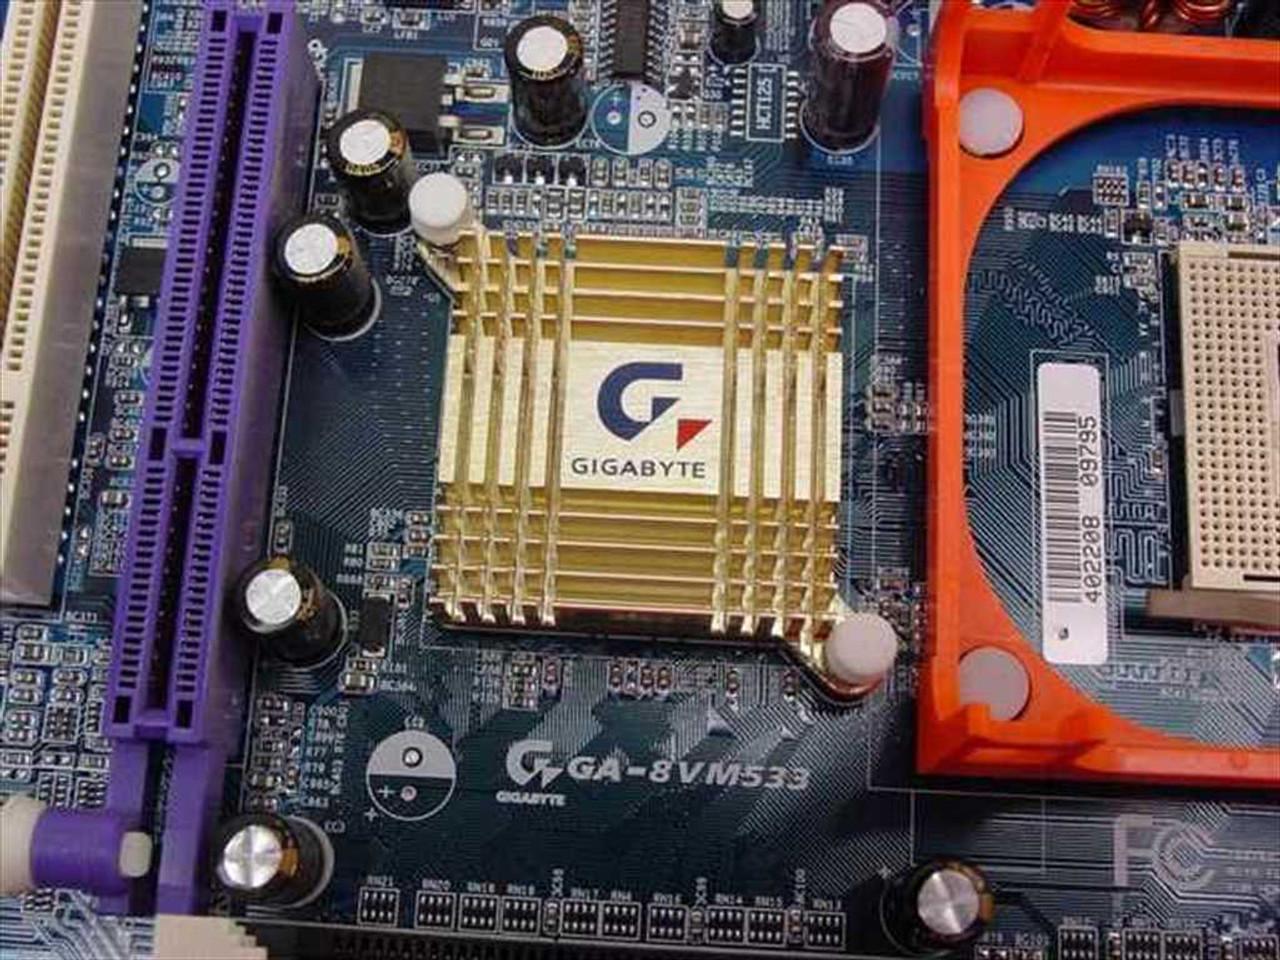 GIGABYTE GA 8VM533 DRIVER FOR MAC